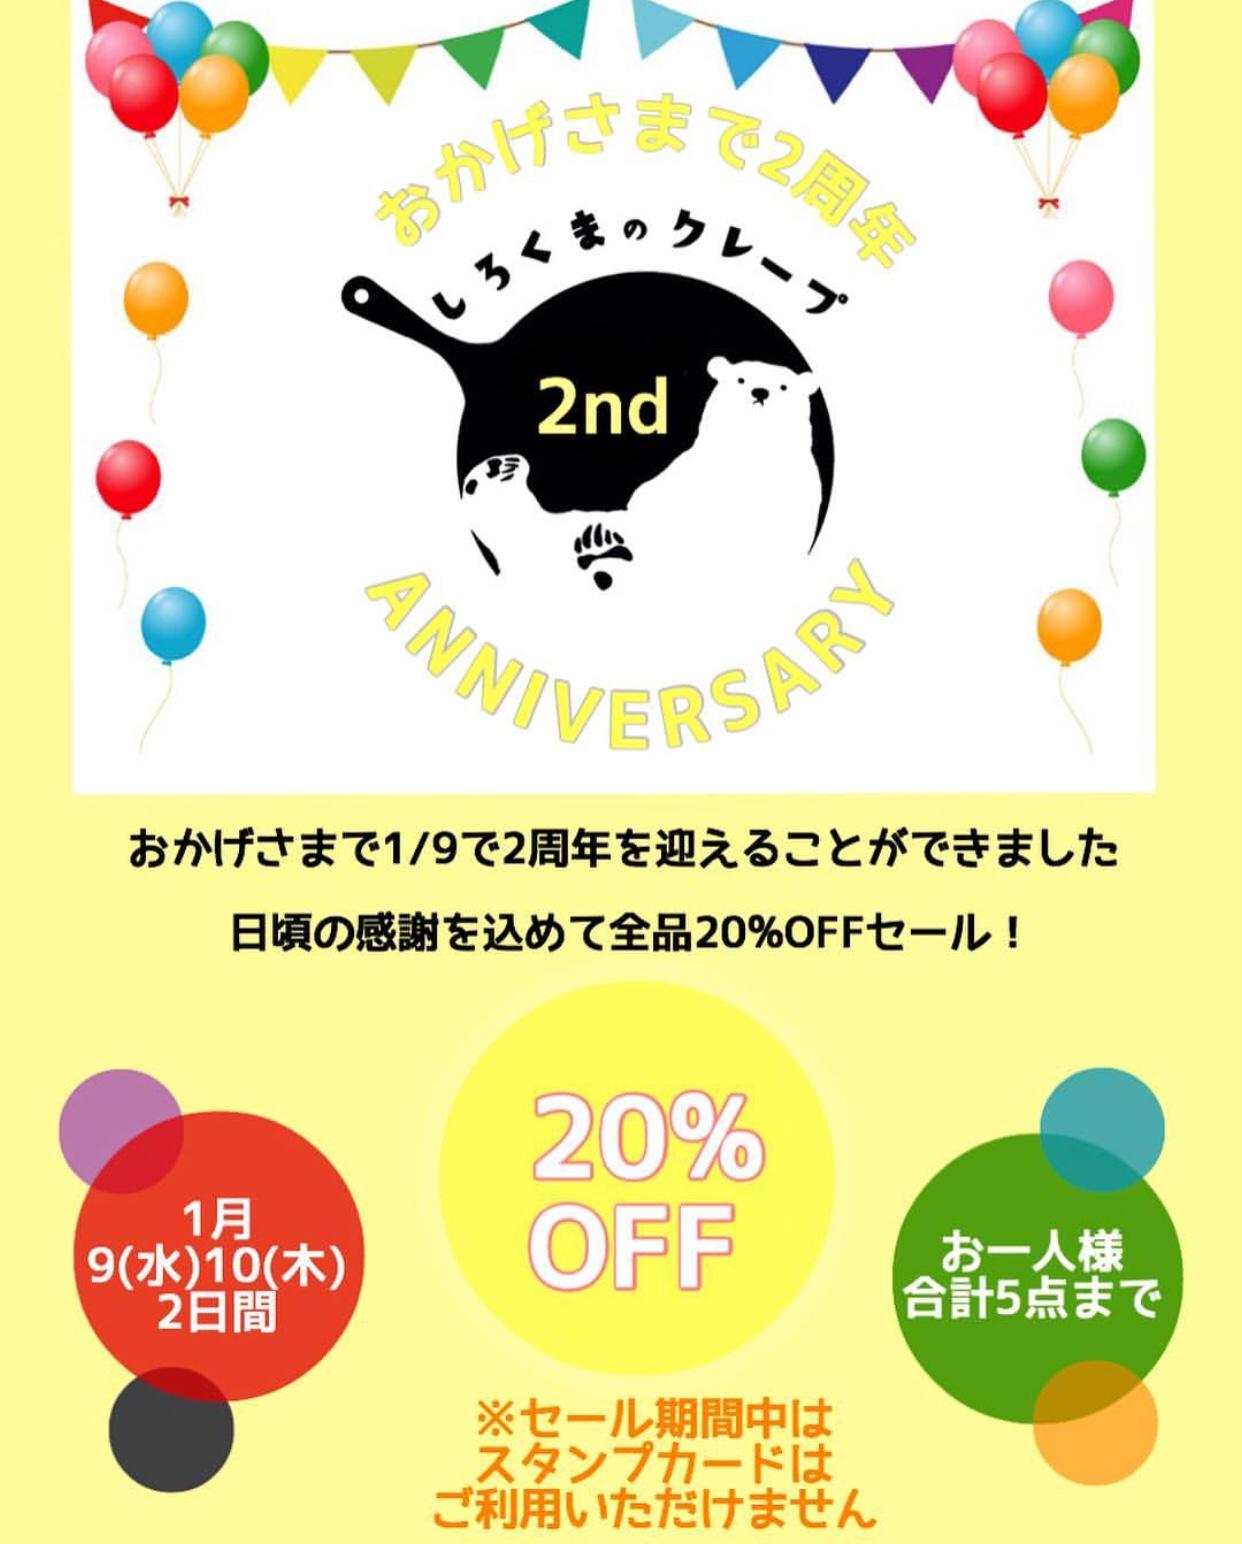 しろくまのクレープ2周年記念イベント 全品20%オフ!